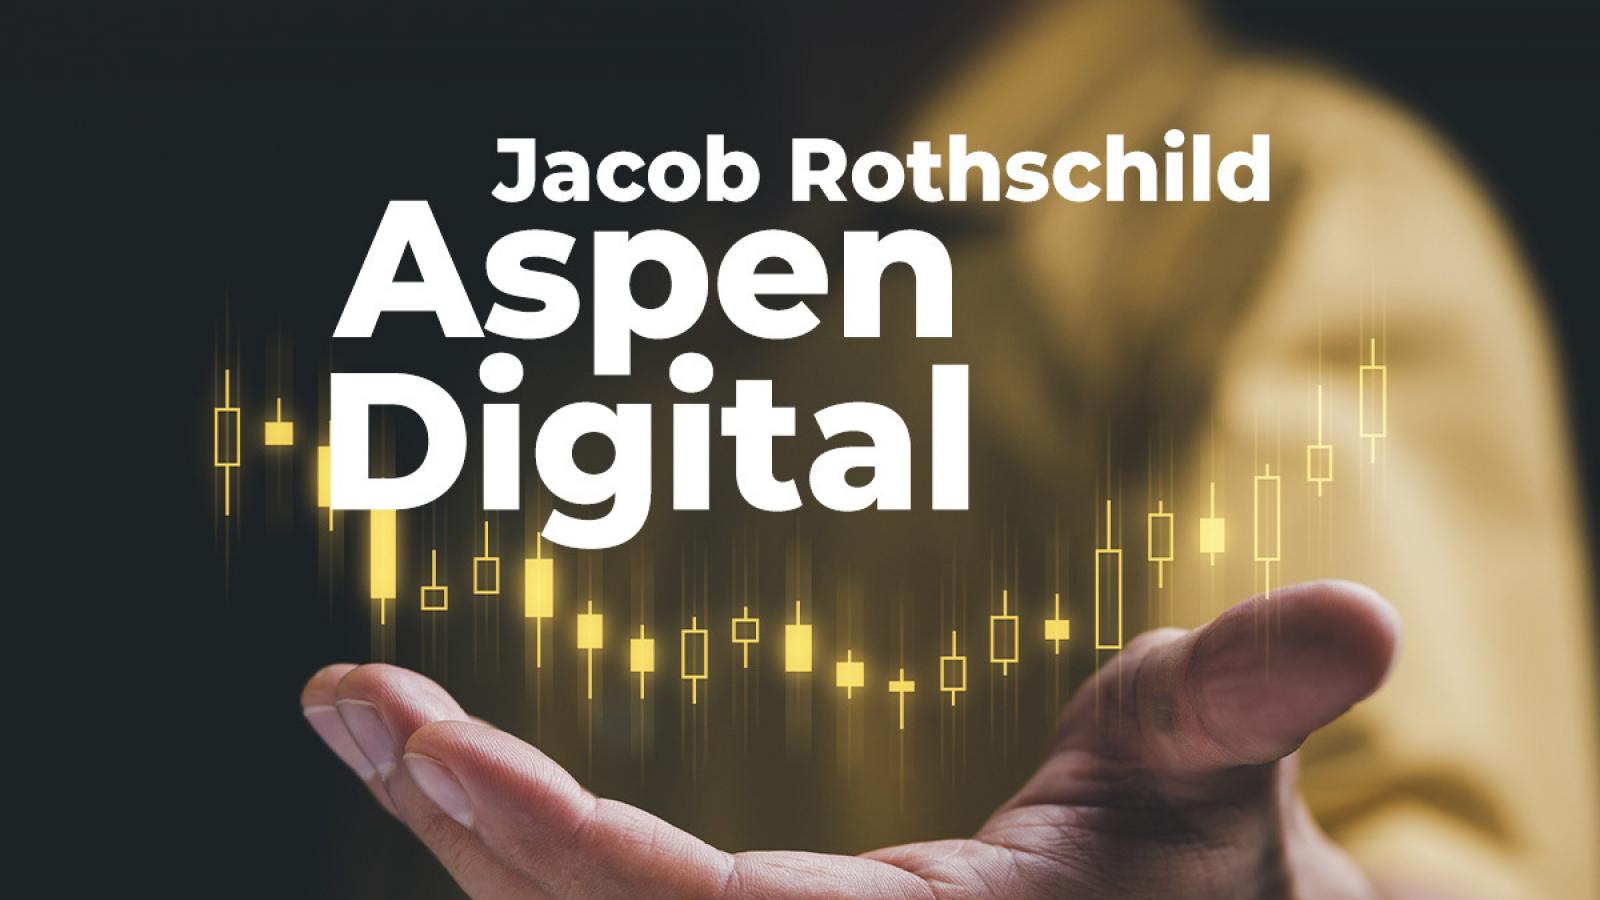 Quỹ tín thác của Rothschild tham gia tài trợ 8,8 triệu USD cho quỹ đầu tư tiền mã hoá Aspen Digital